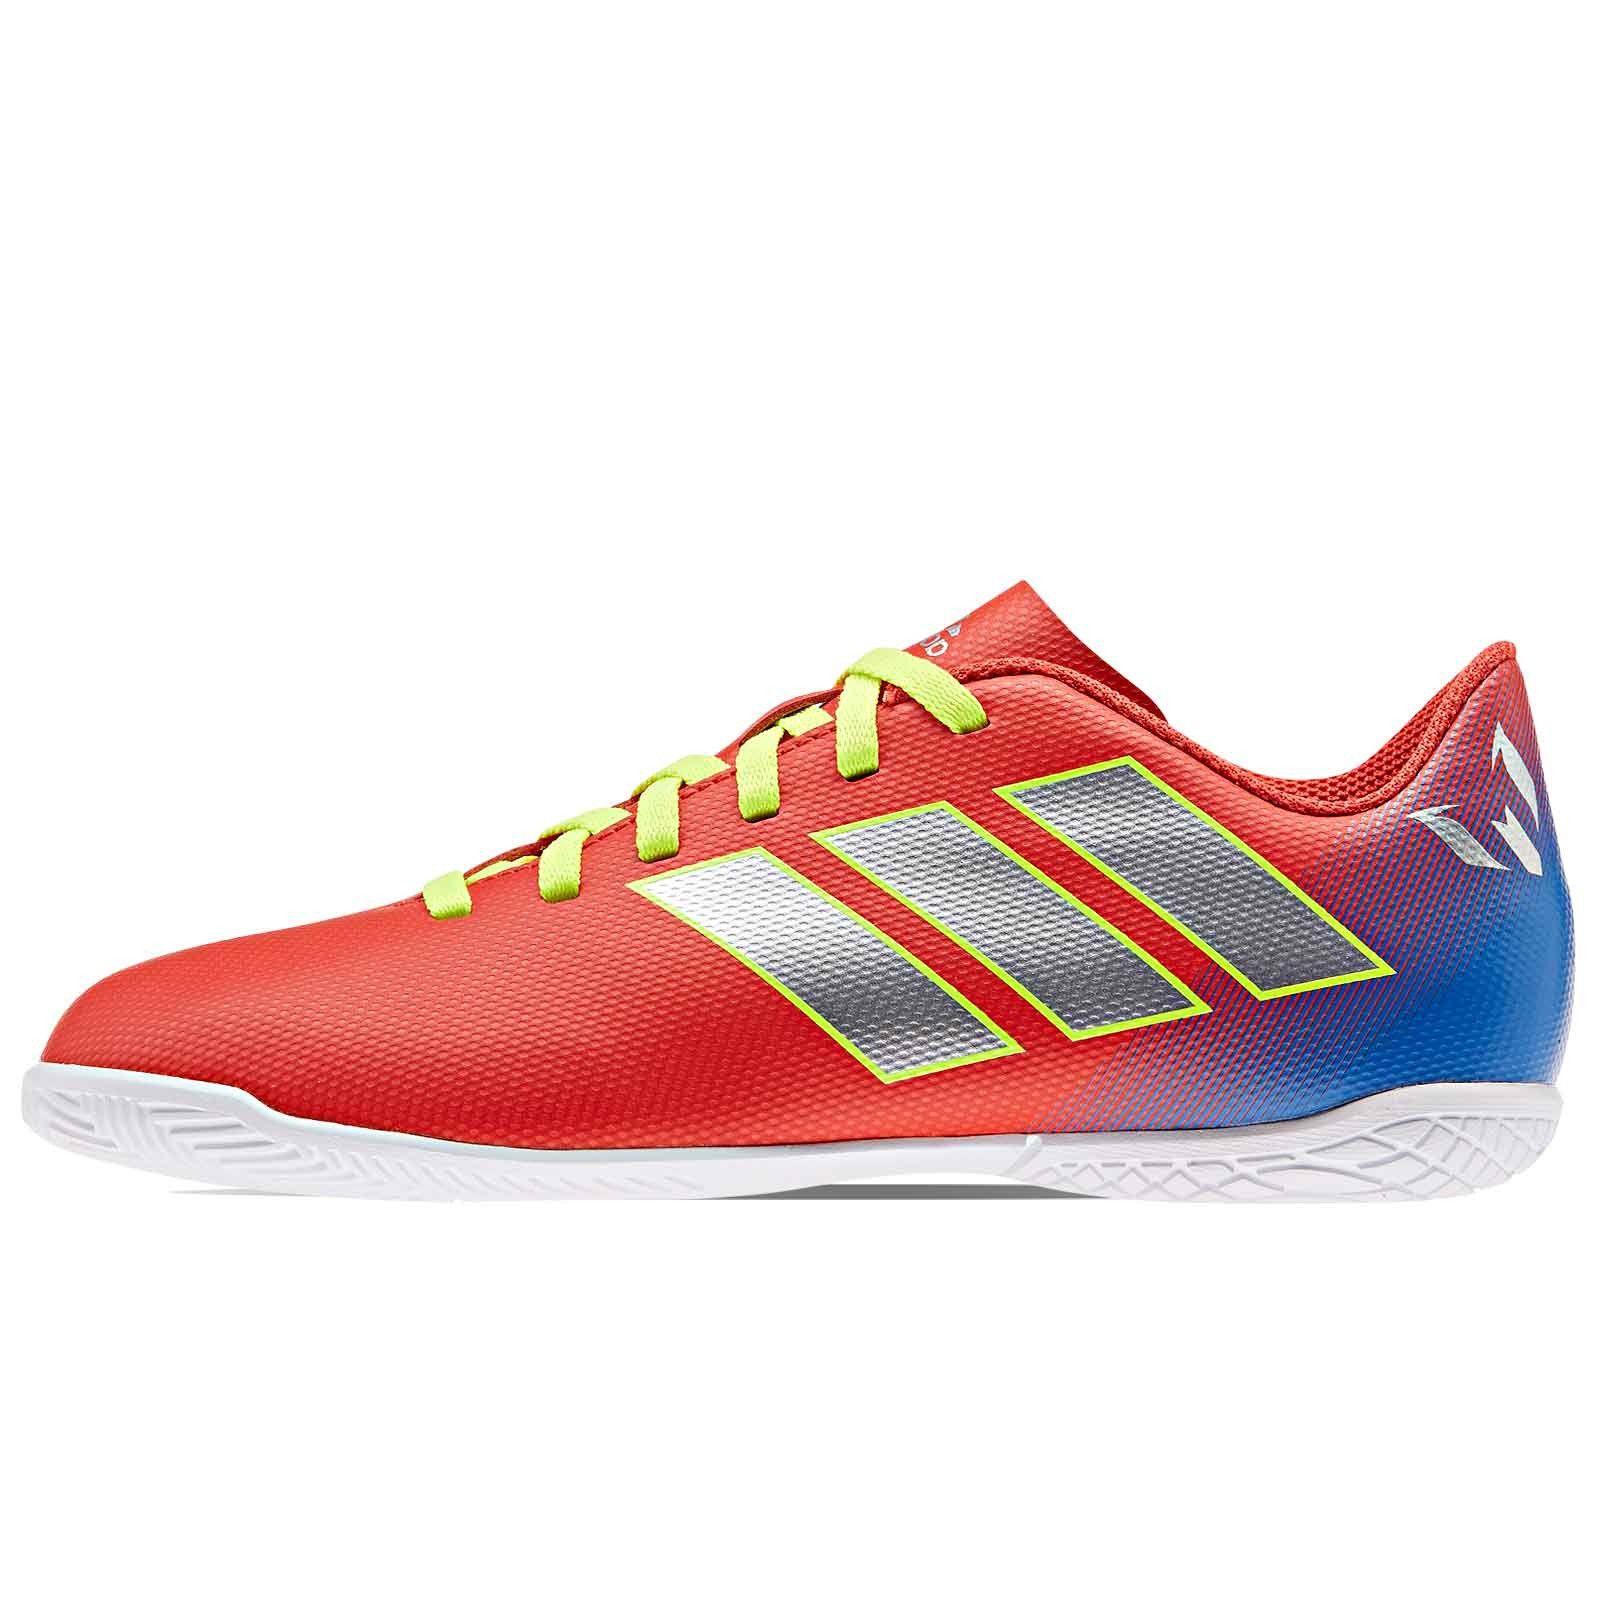 3fc94e9772 Chuteira Adidas Nemeziz Messi Tango 18.4 IN Jr Futsal